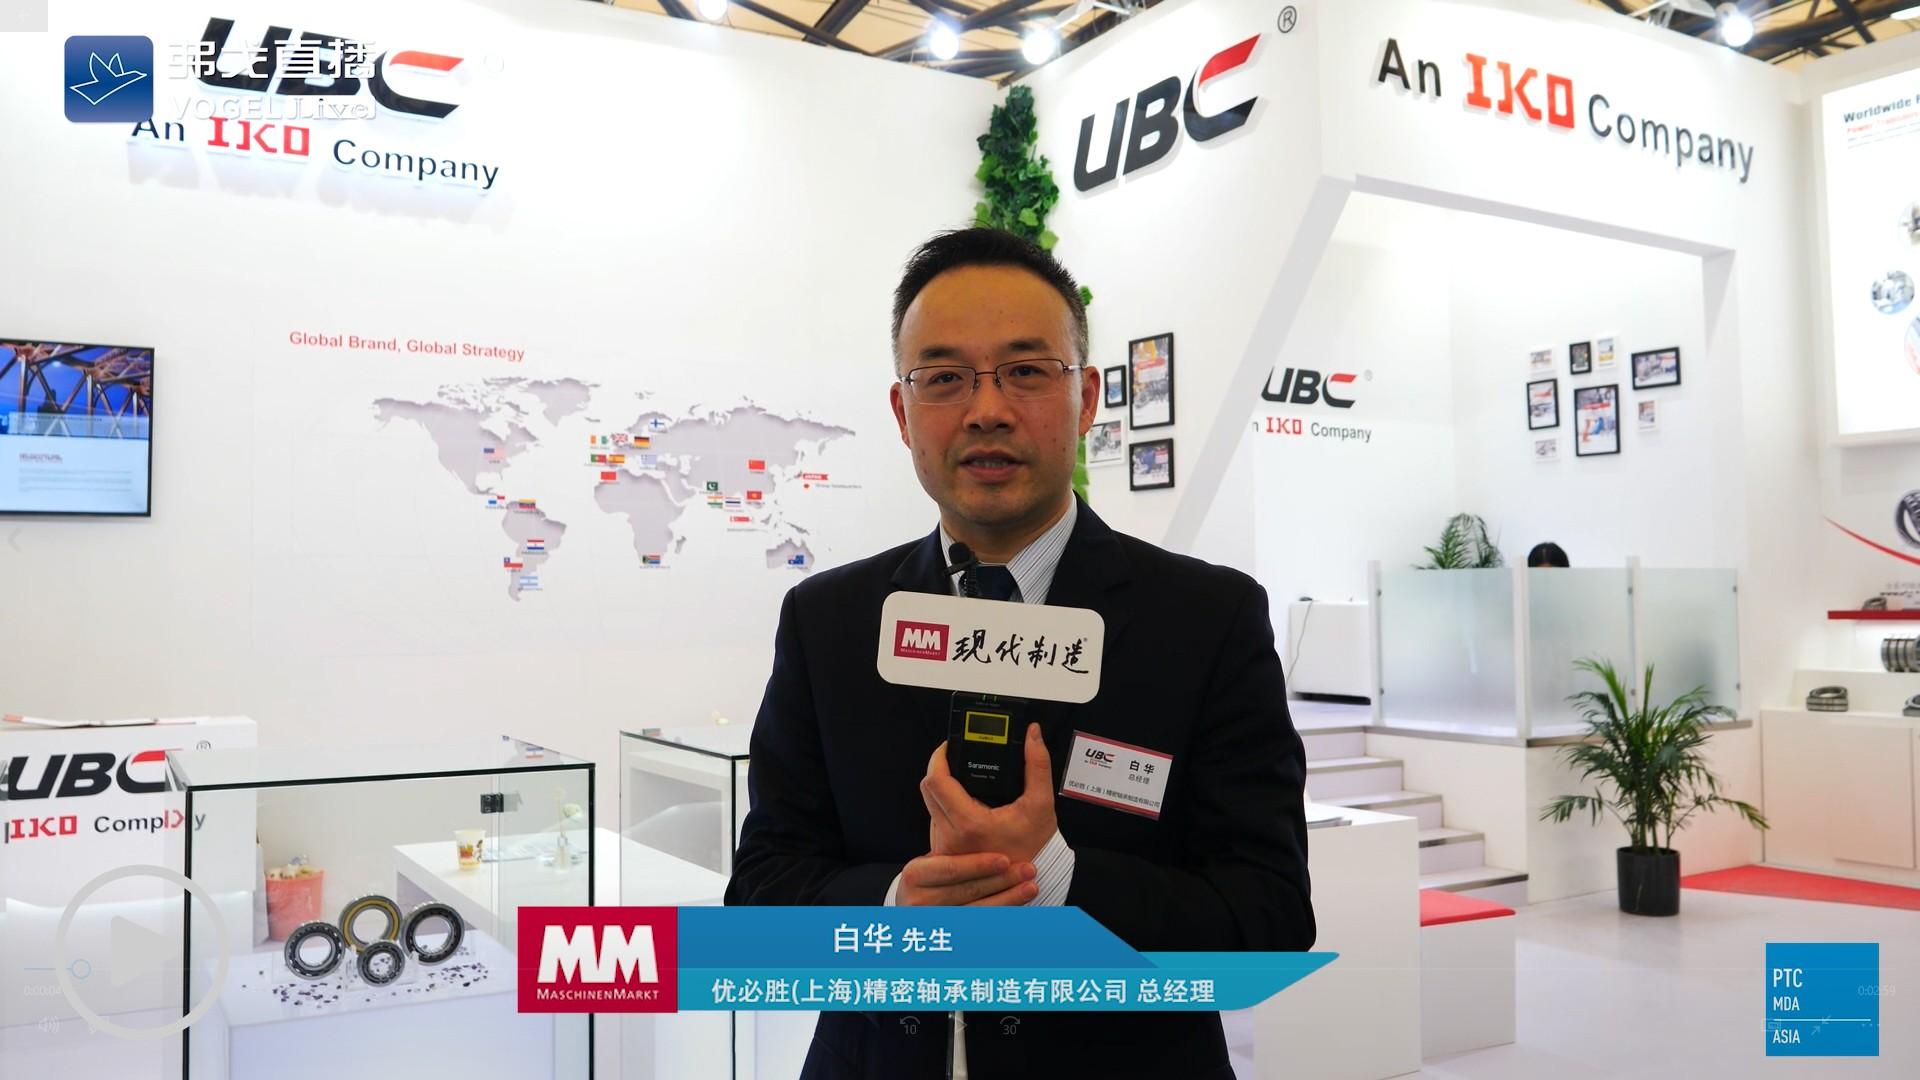 优必胜(上海)精密轴承制造有限公司 总经理 - 白华 先生